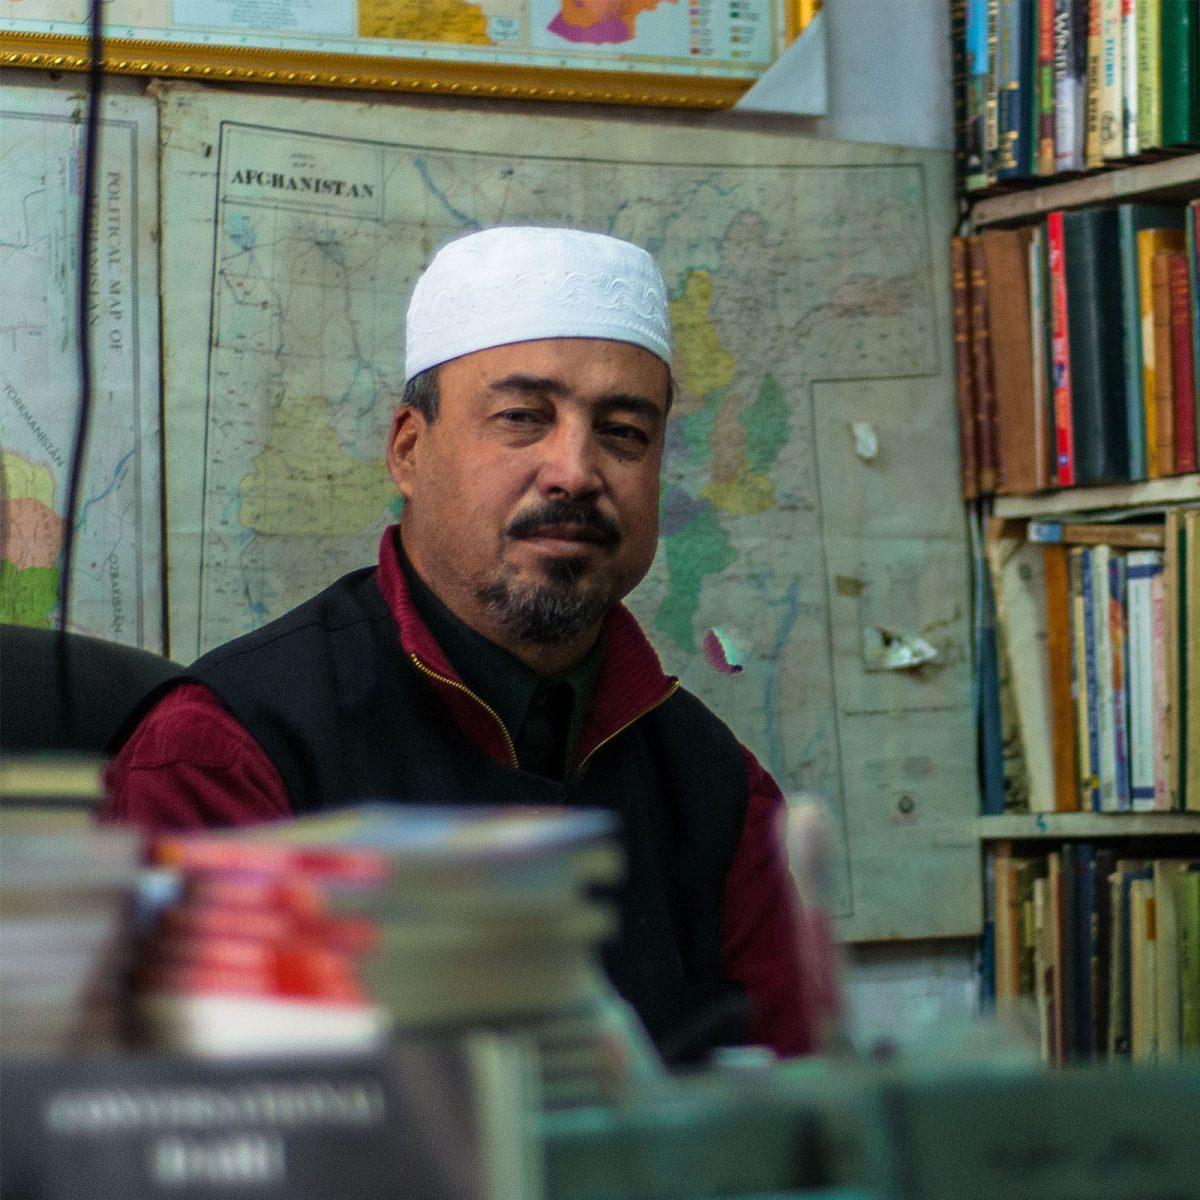 Afghánský knihkupec